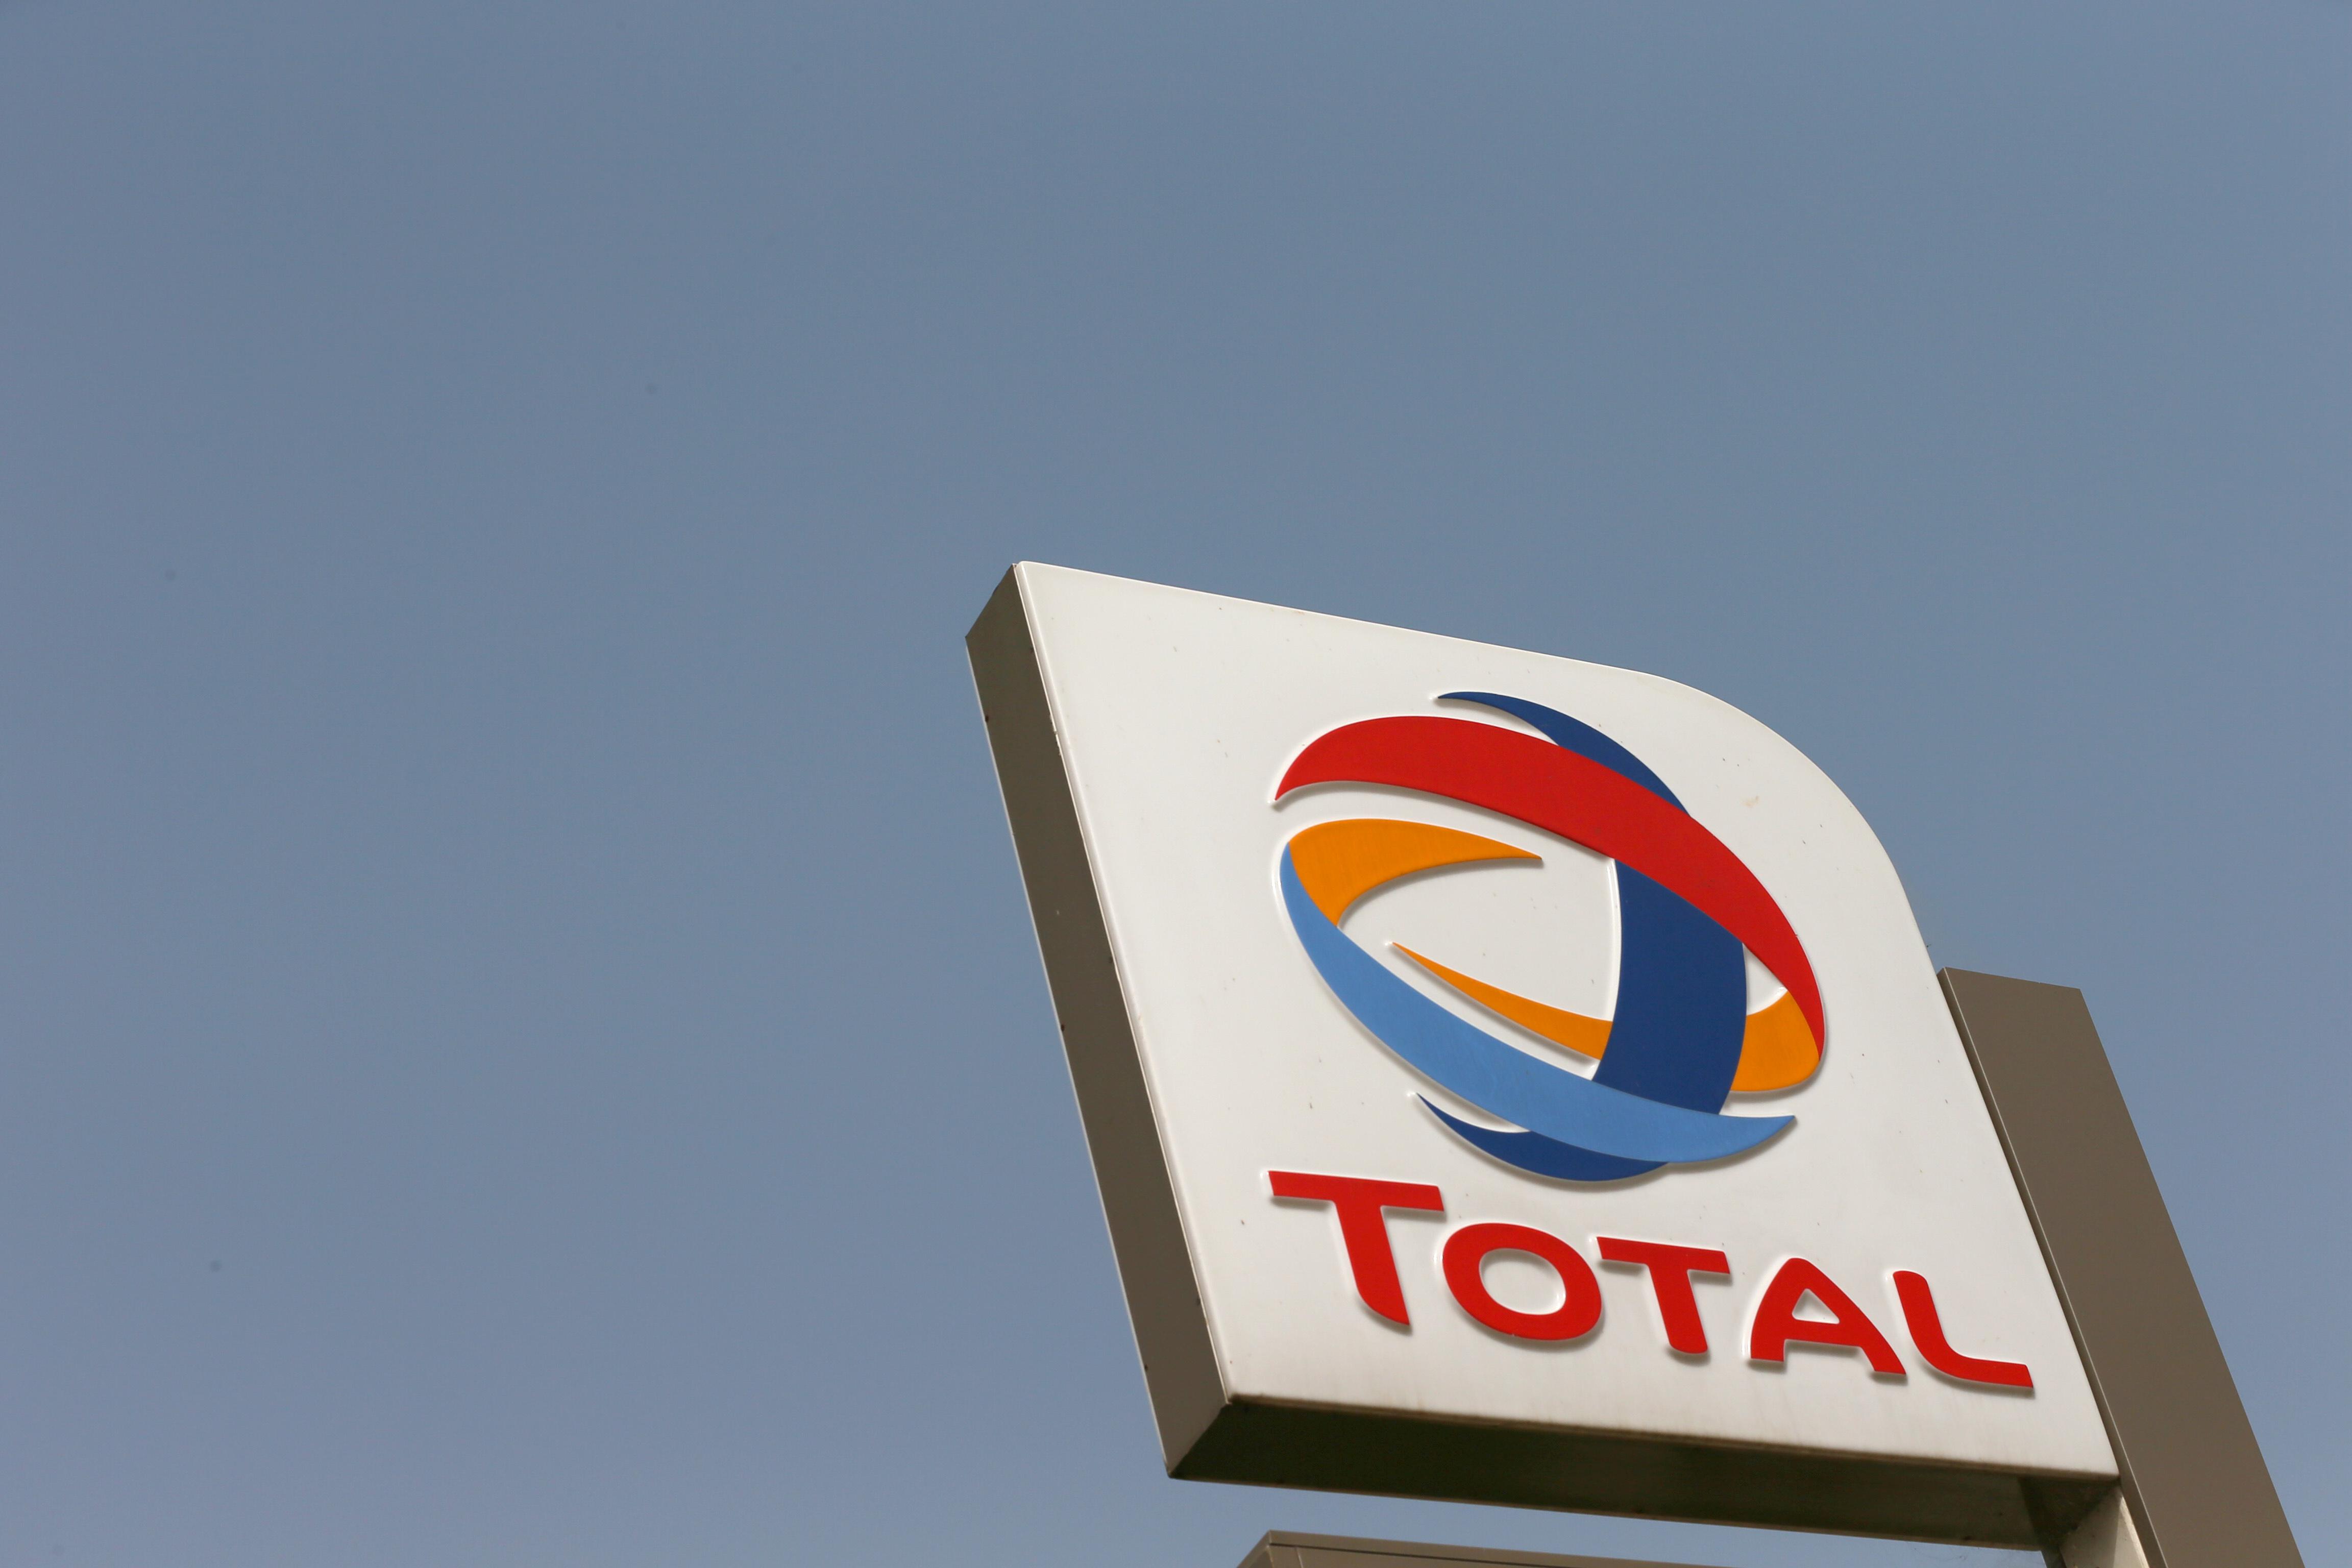 """""""Nous avons voulu répondre présent vis-à-vis du pays dans lequel notre entreprise est née. Total a donc choisi de faire un don exceptionnel, le plus important de son histoire"""", a commenté le PDG du groupe pétrolier français, Patrick Pouyanné."""